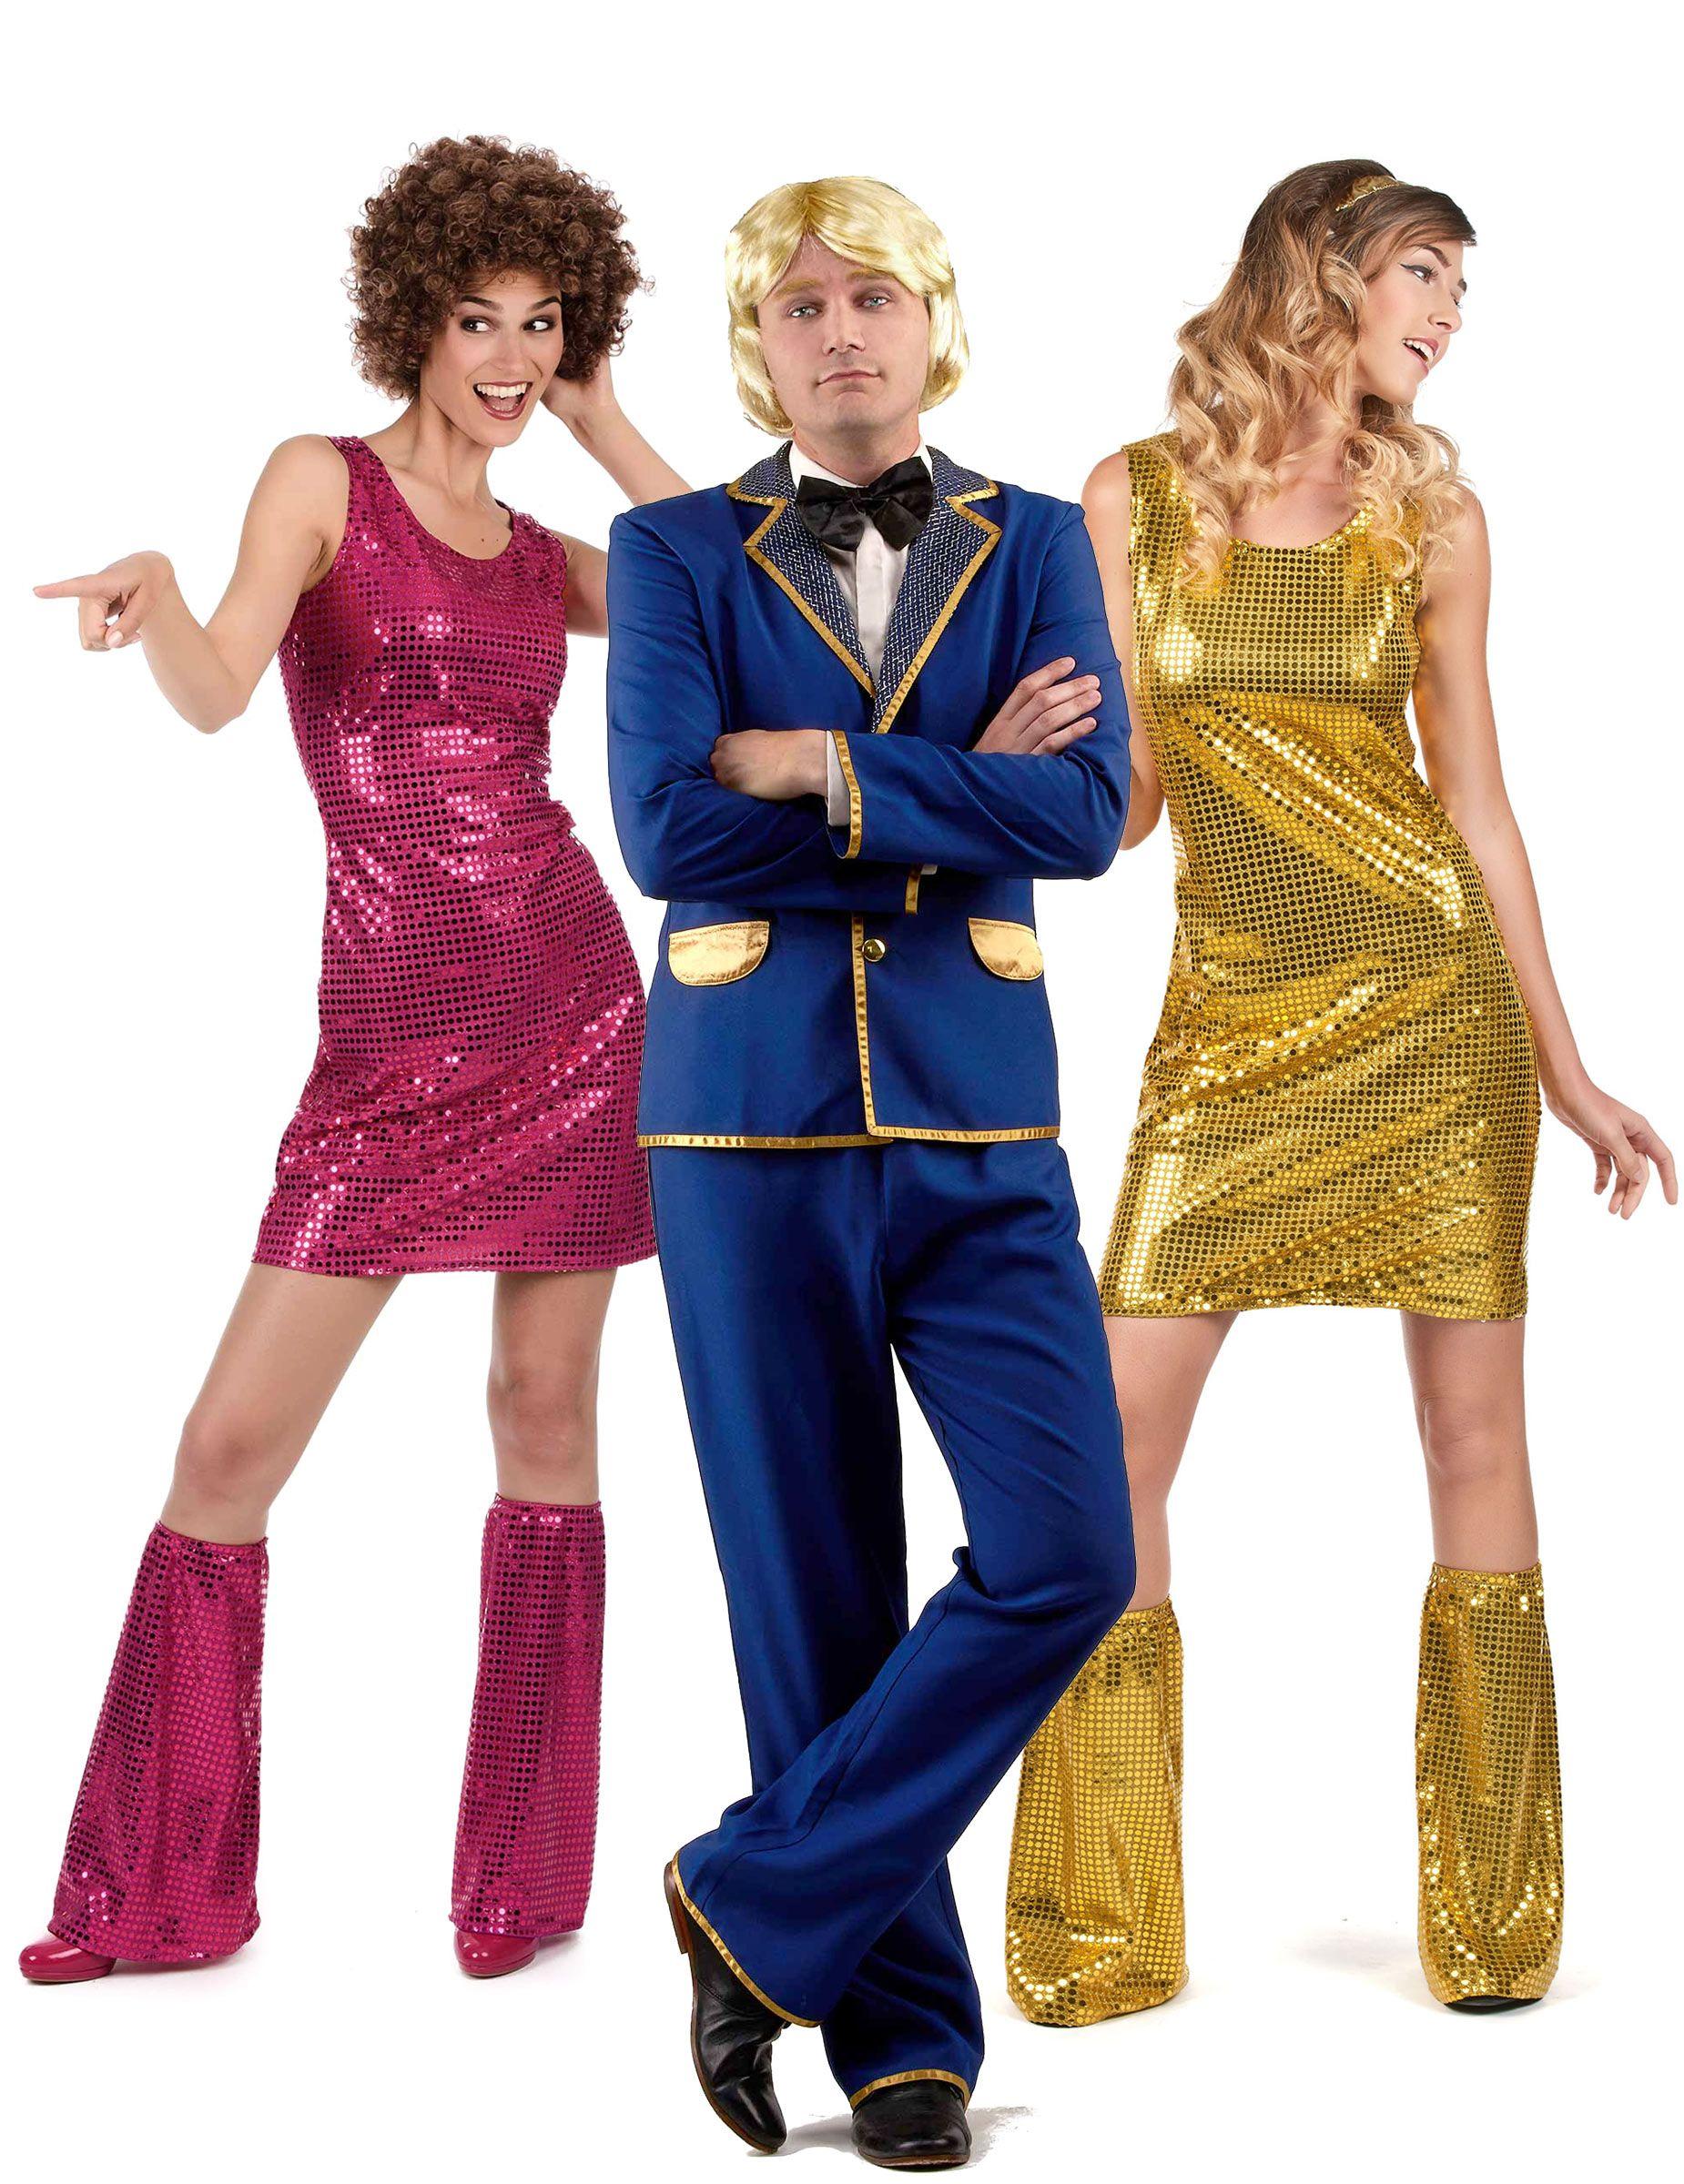 Costume di gruppo Cantante disco e ballerine  Costume disco brillante blu  per uomo Uno splendido 6d5c2cd60e05